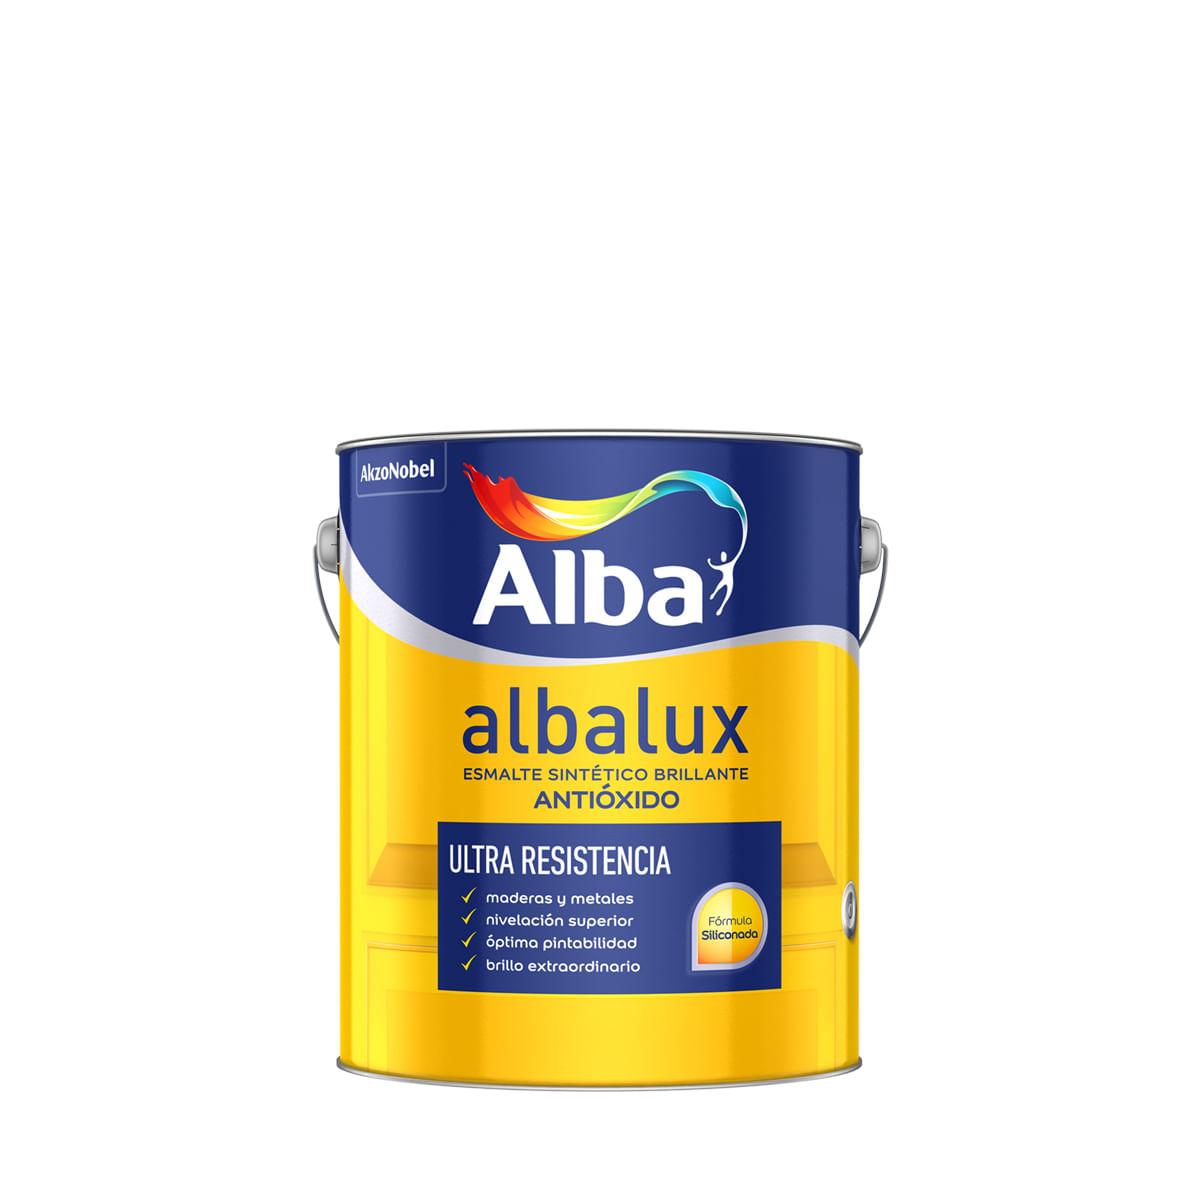 albalux-esmalte-brillante